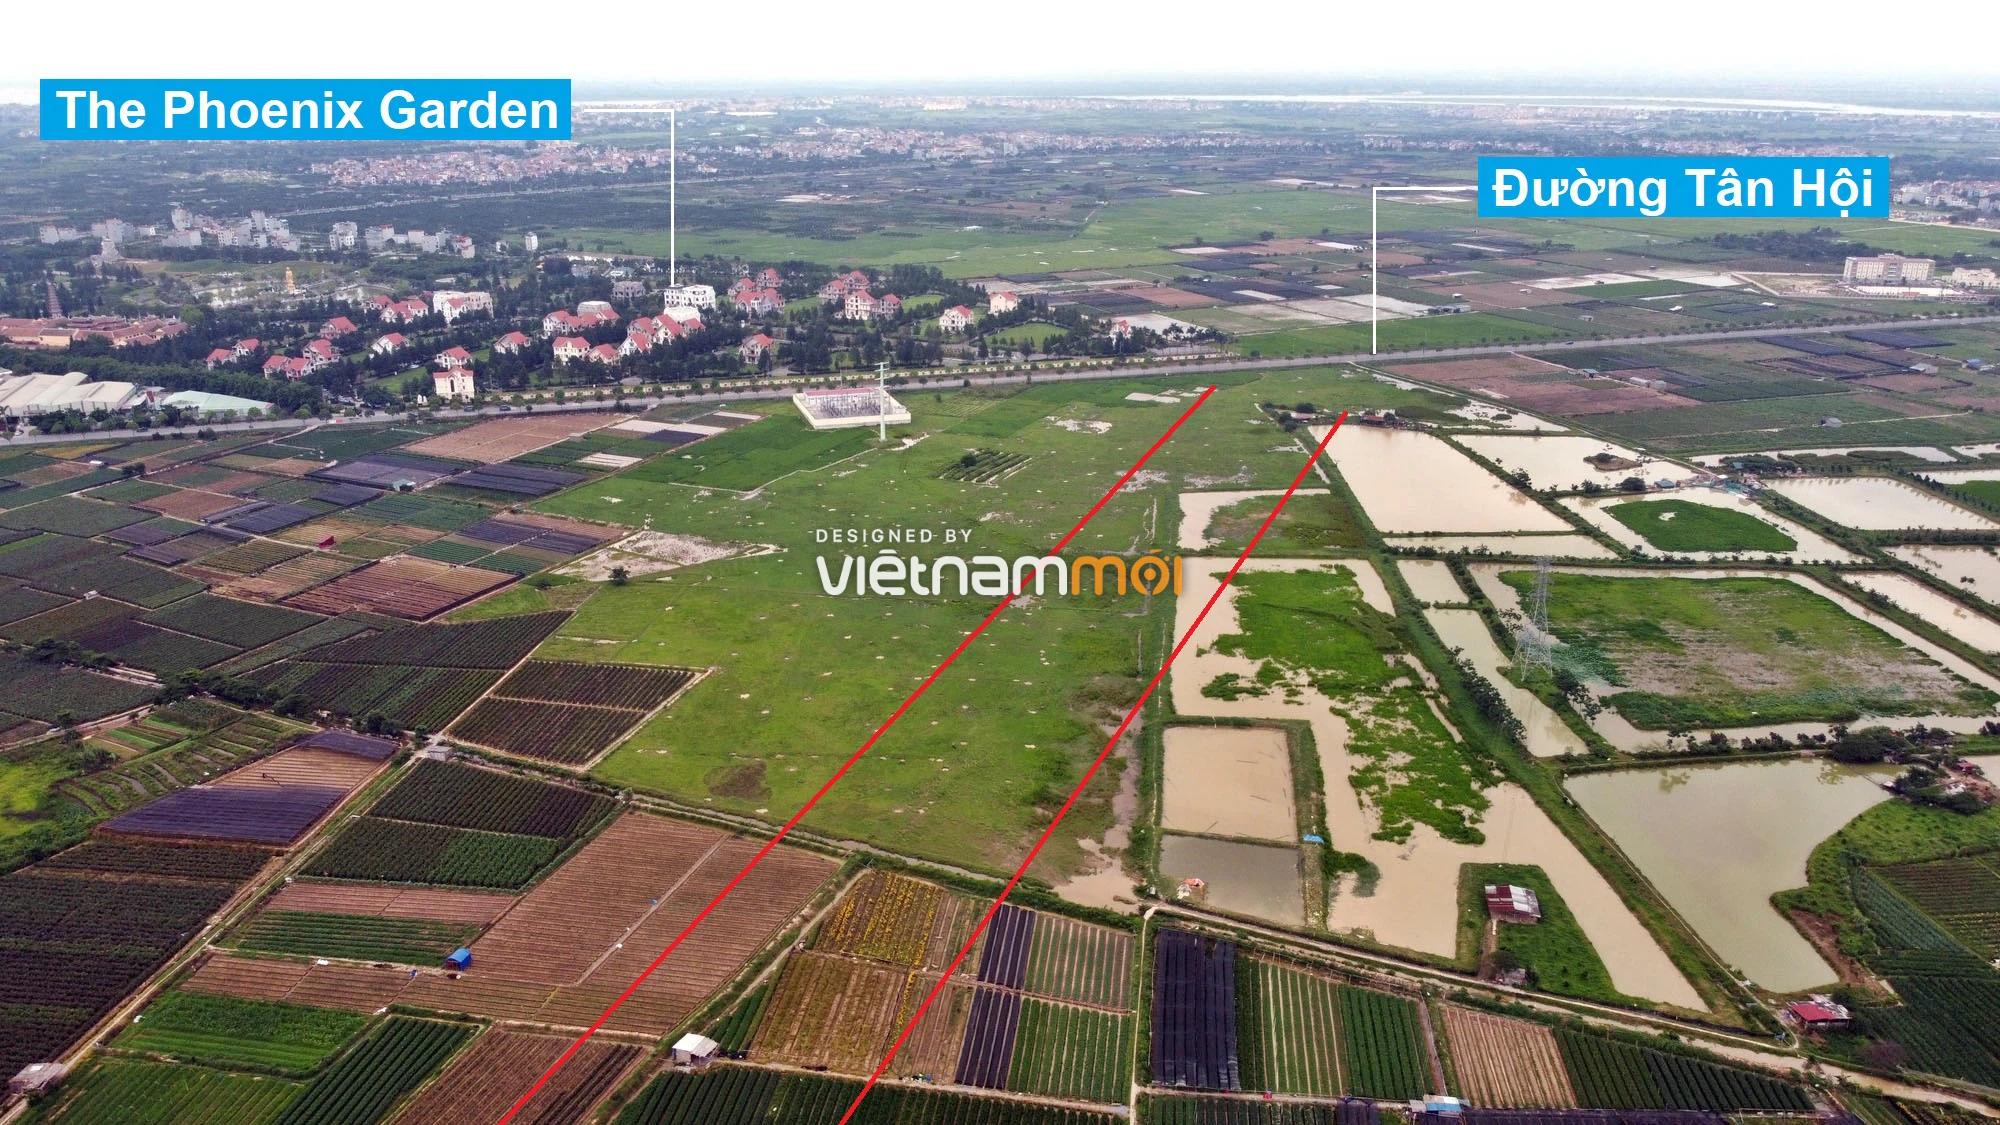 Đường Vành đai 4 sẽ mở theo quy hoạch qua huyện Hoài Đức, Hà Nội - Ảnh 1.